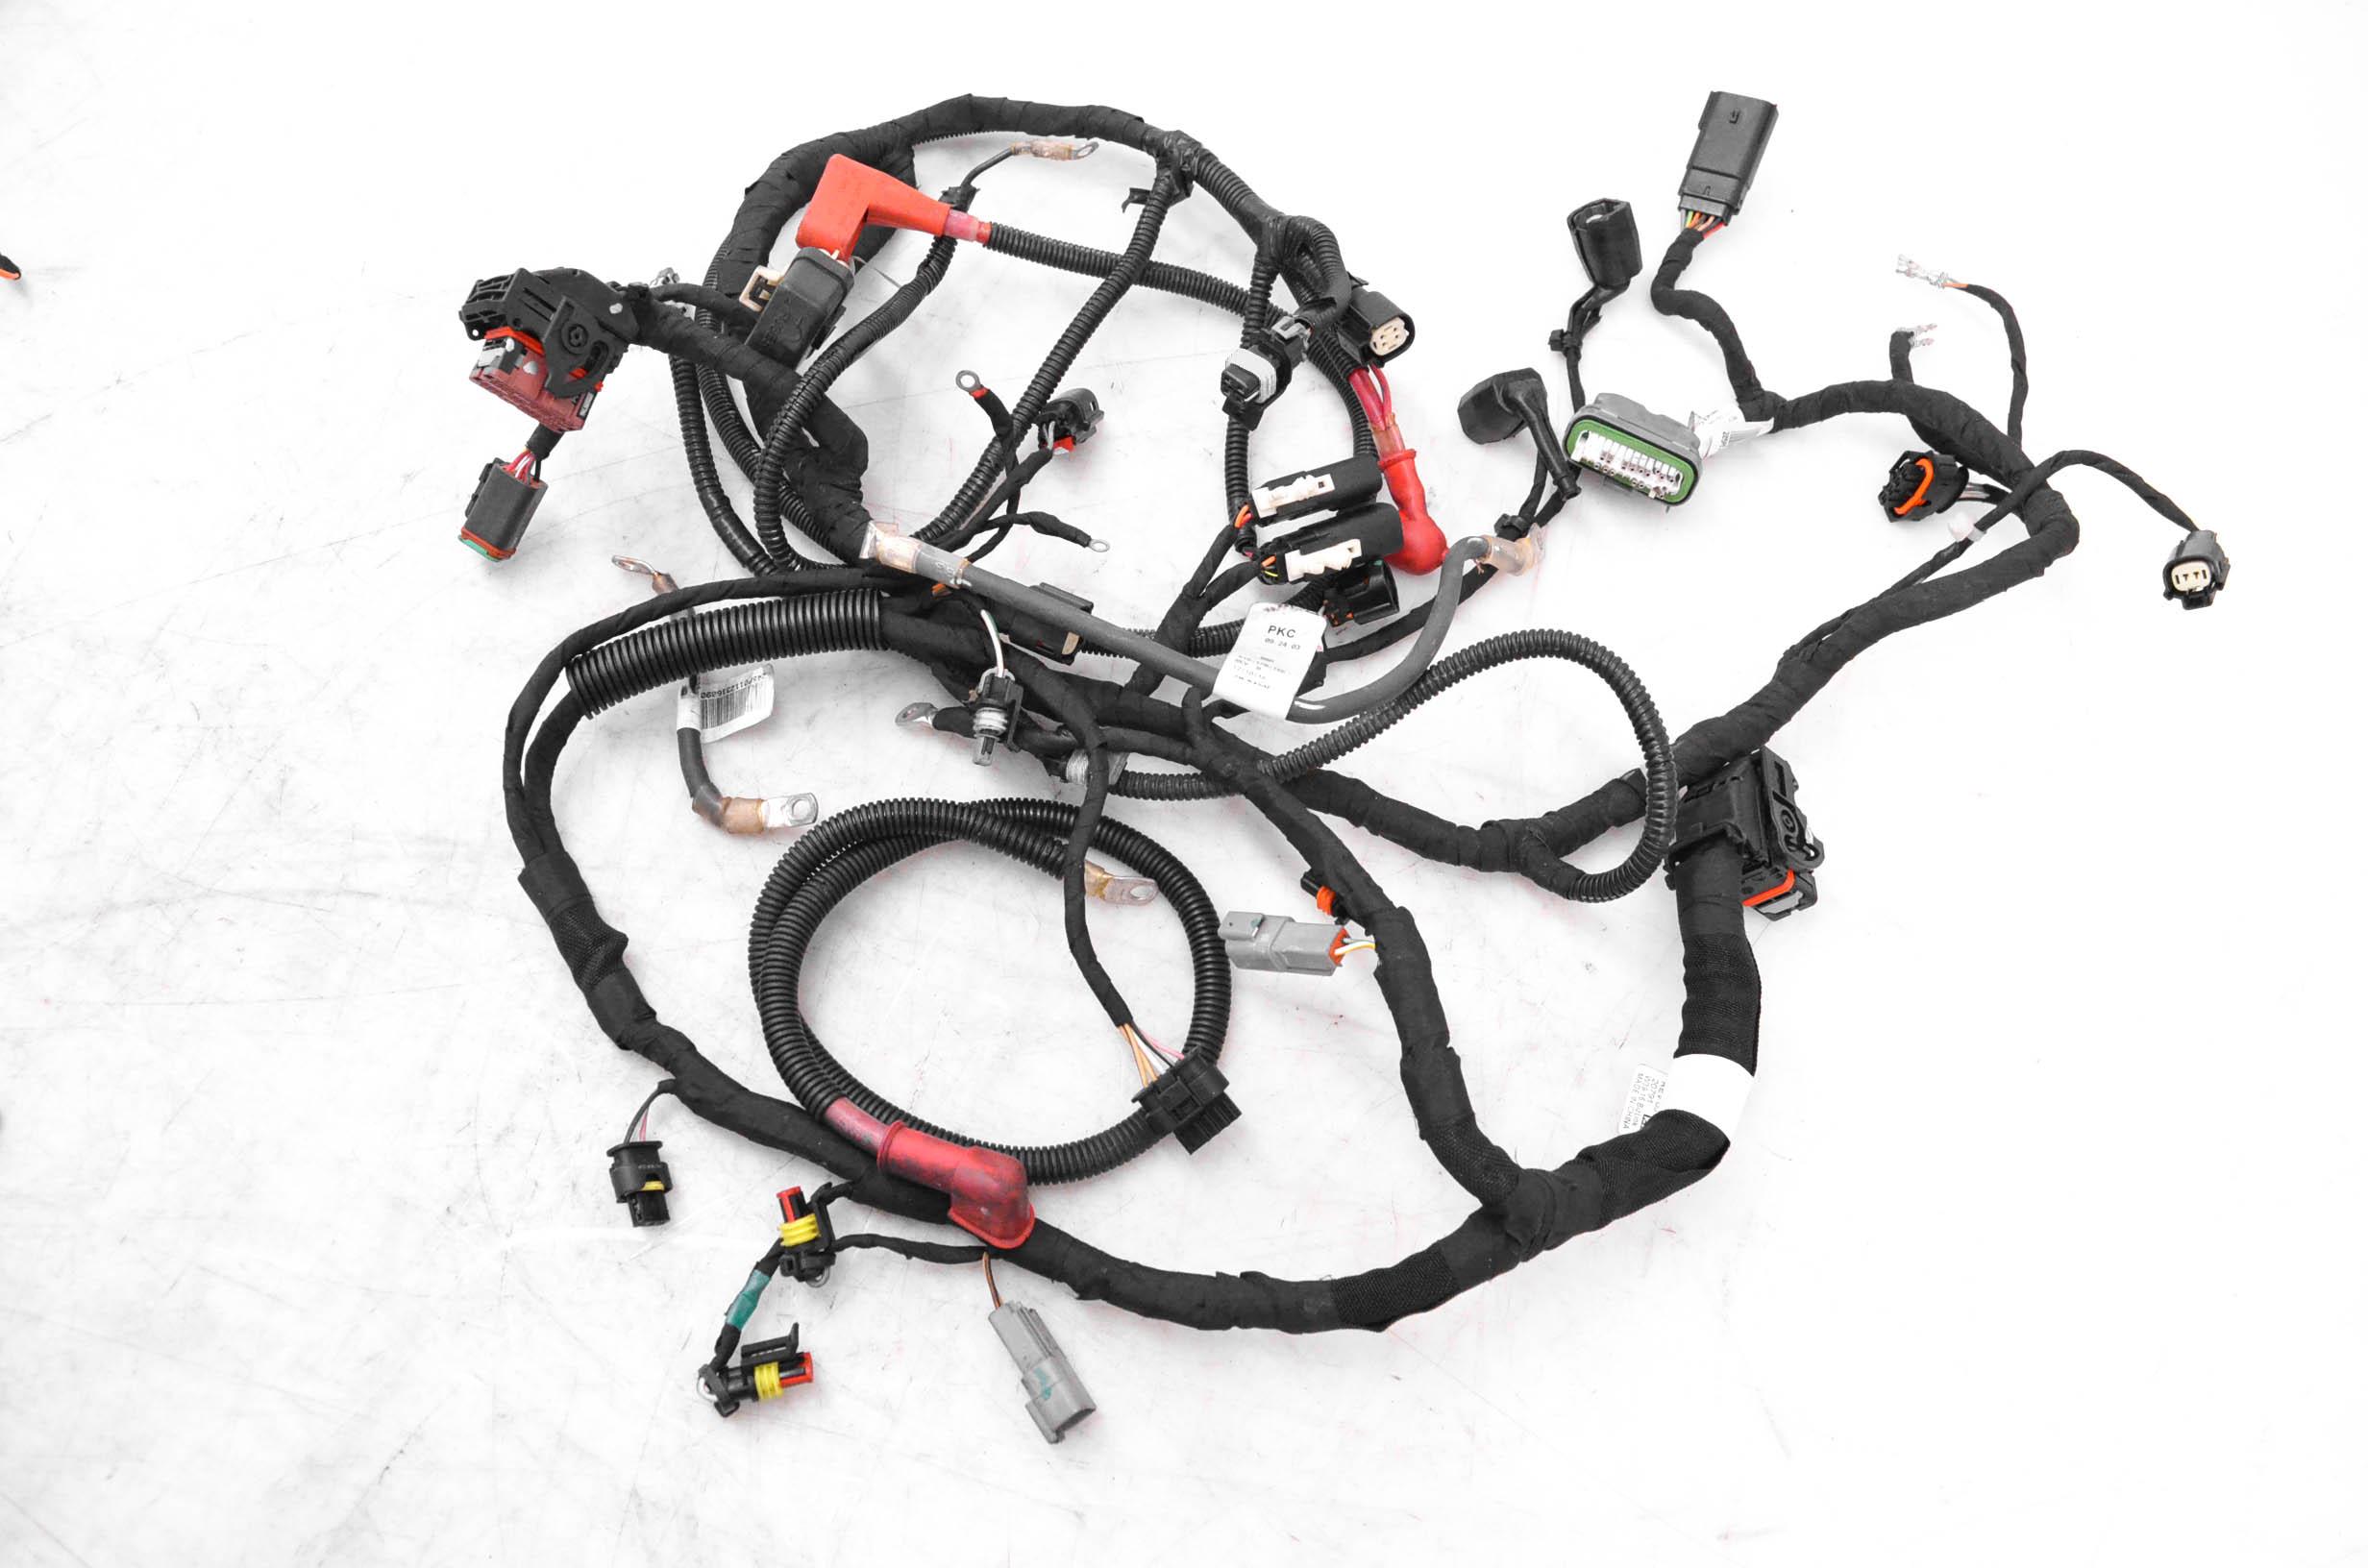 17 Ski Doo Renegade 850 Adrenaline E Tec Wire Harness